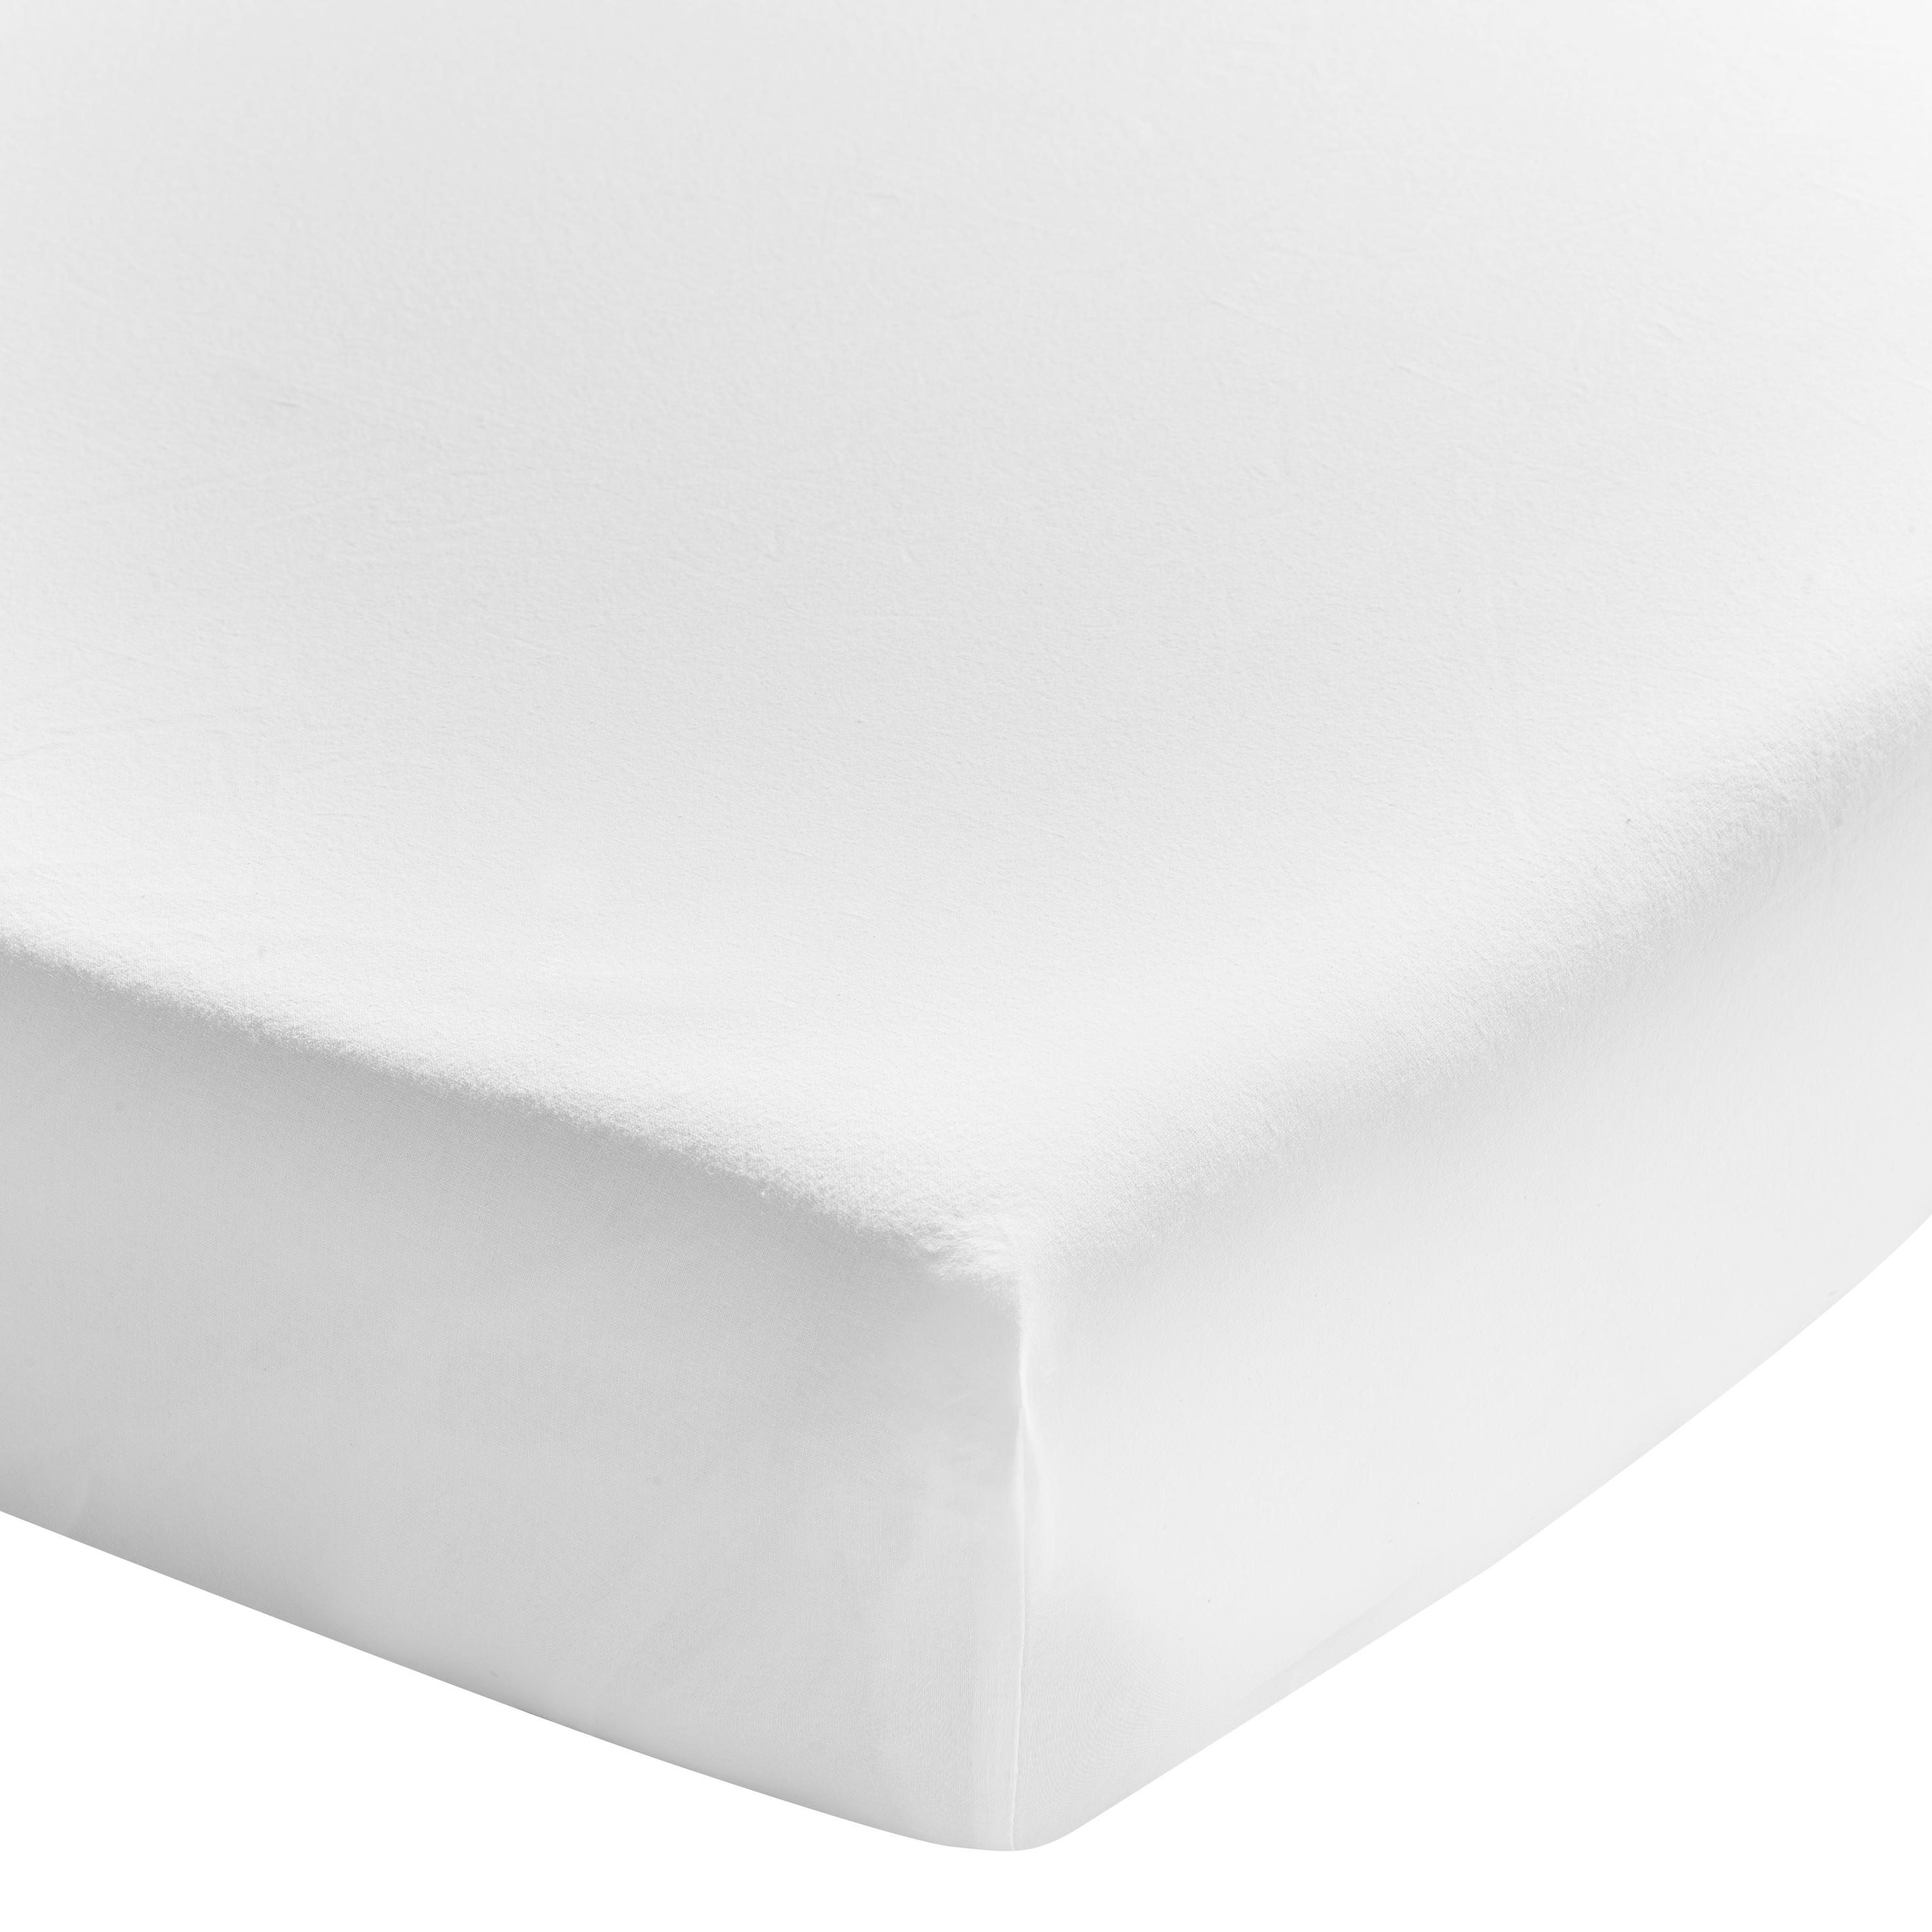 Drap housse uni en coton lavé blanc 90x190